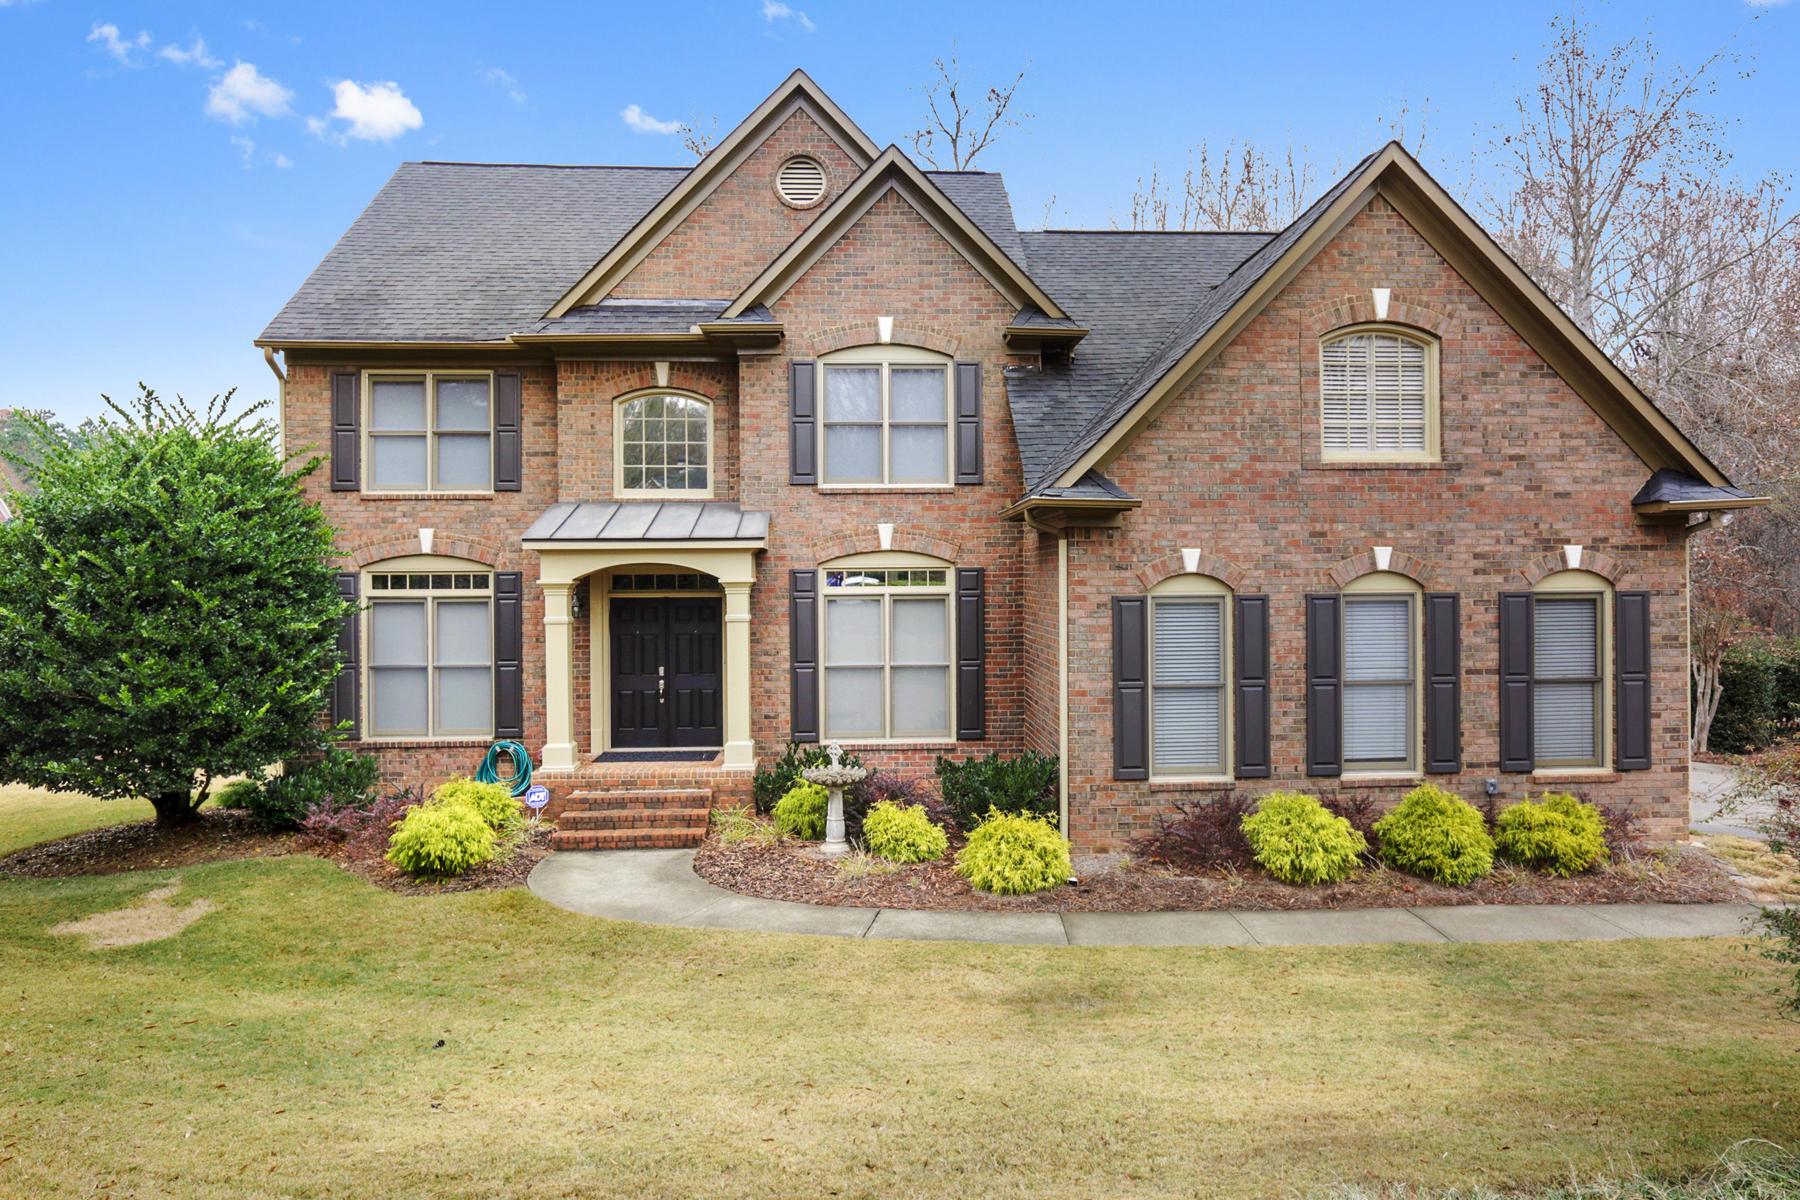 Частный односемейный дом для того Продажа на Fabulous Total Renovation 151 Grand Avenue Suwanee, Джорджия, 30024 Соединенные Штаты